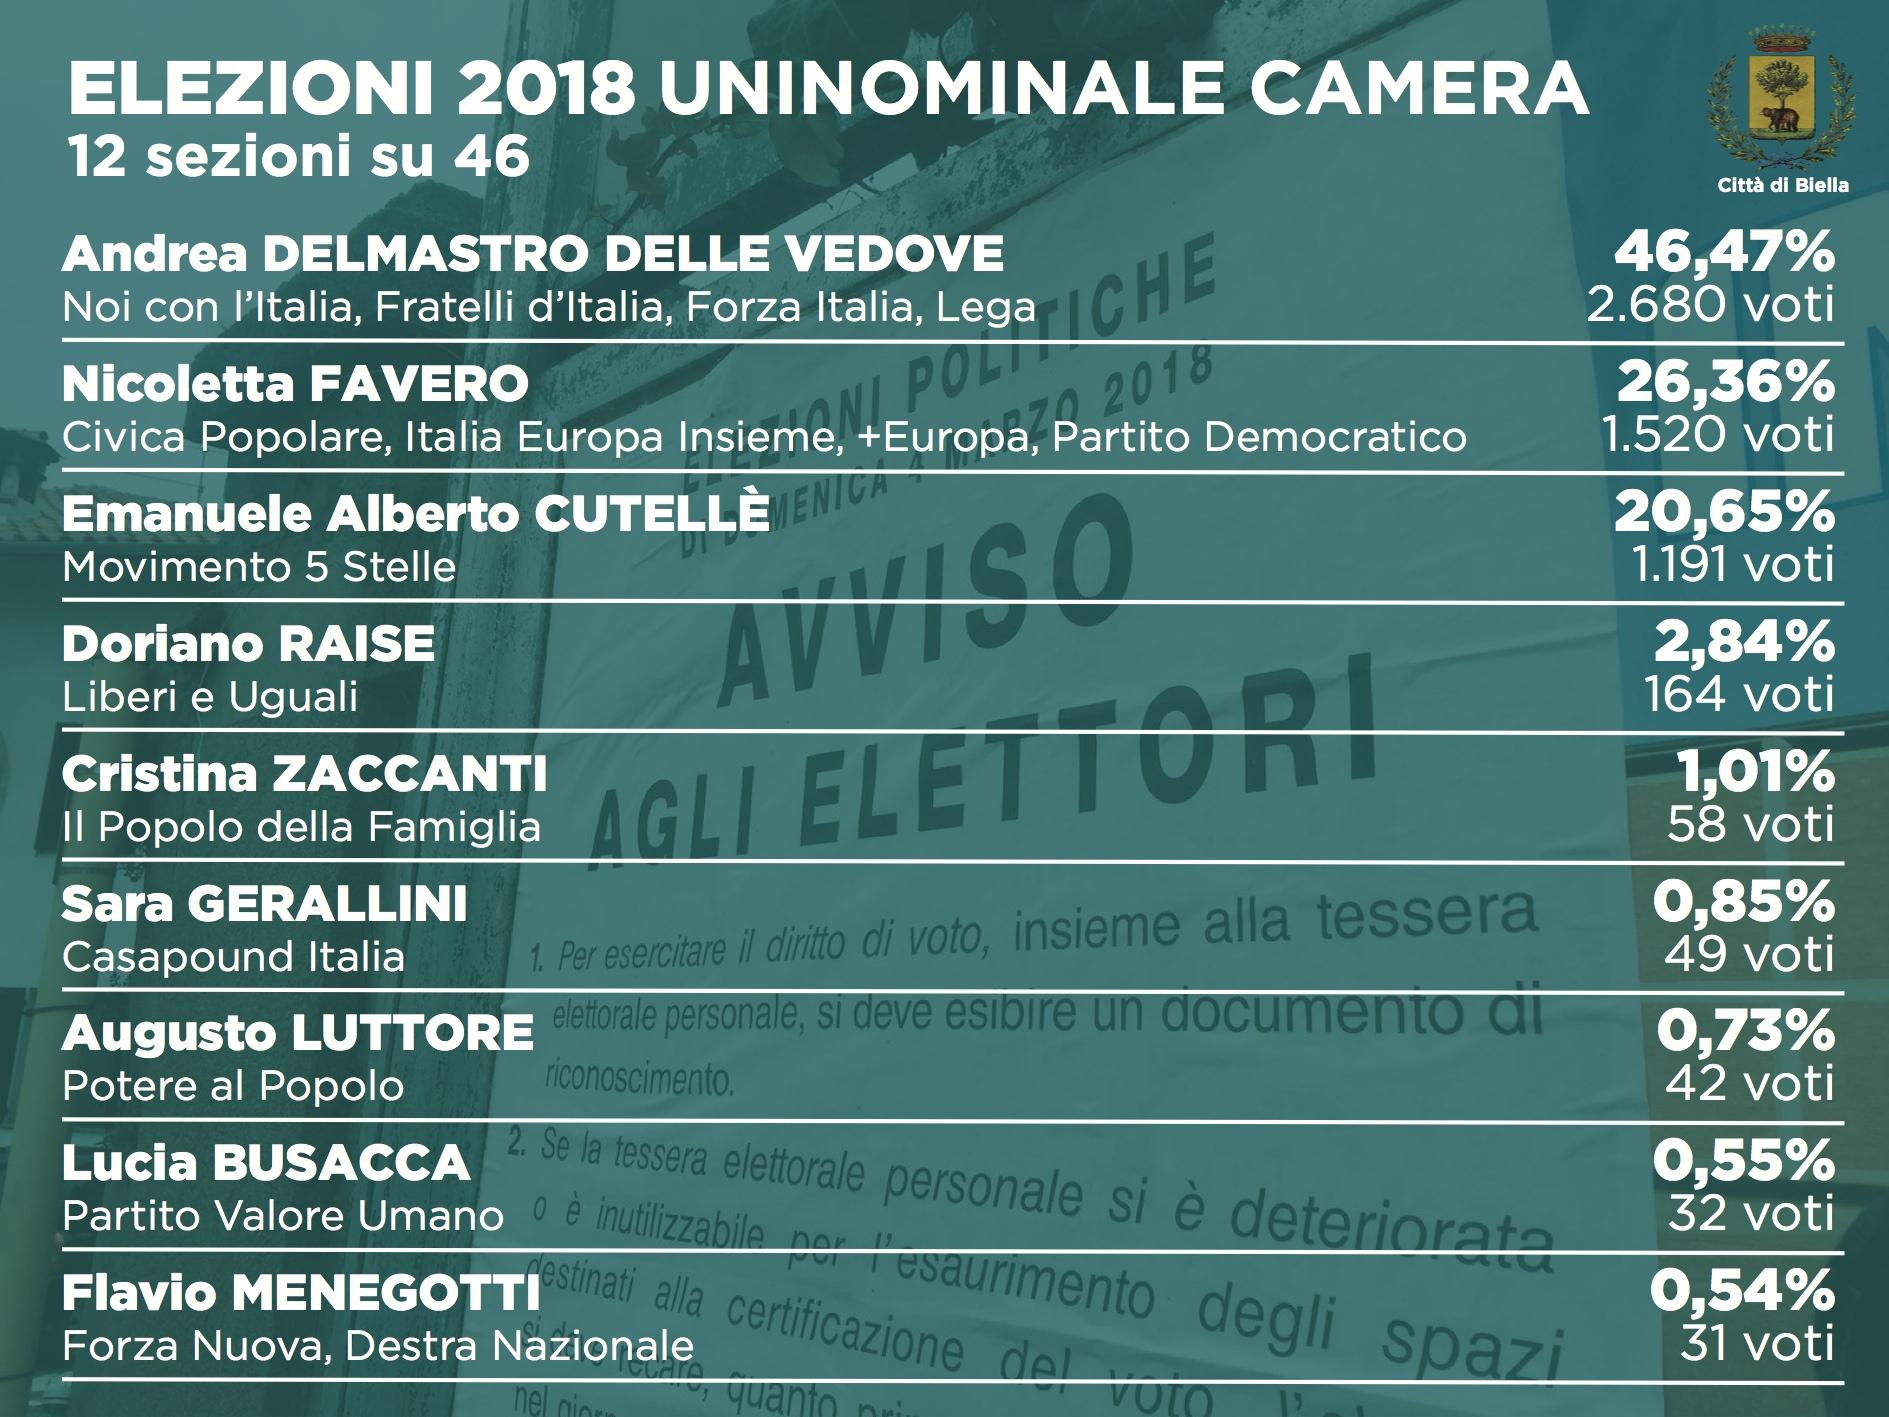 Elezioni 2018: i dati dell'uninominale alla Camera (12 sezioni su 46)